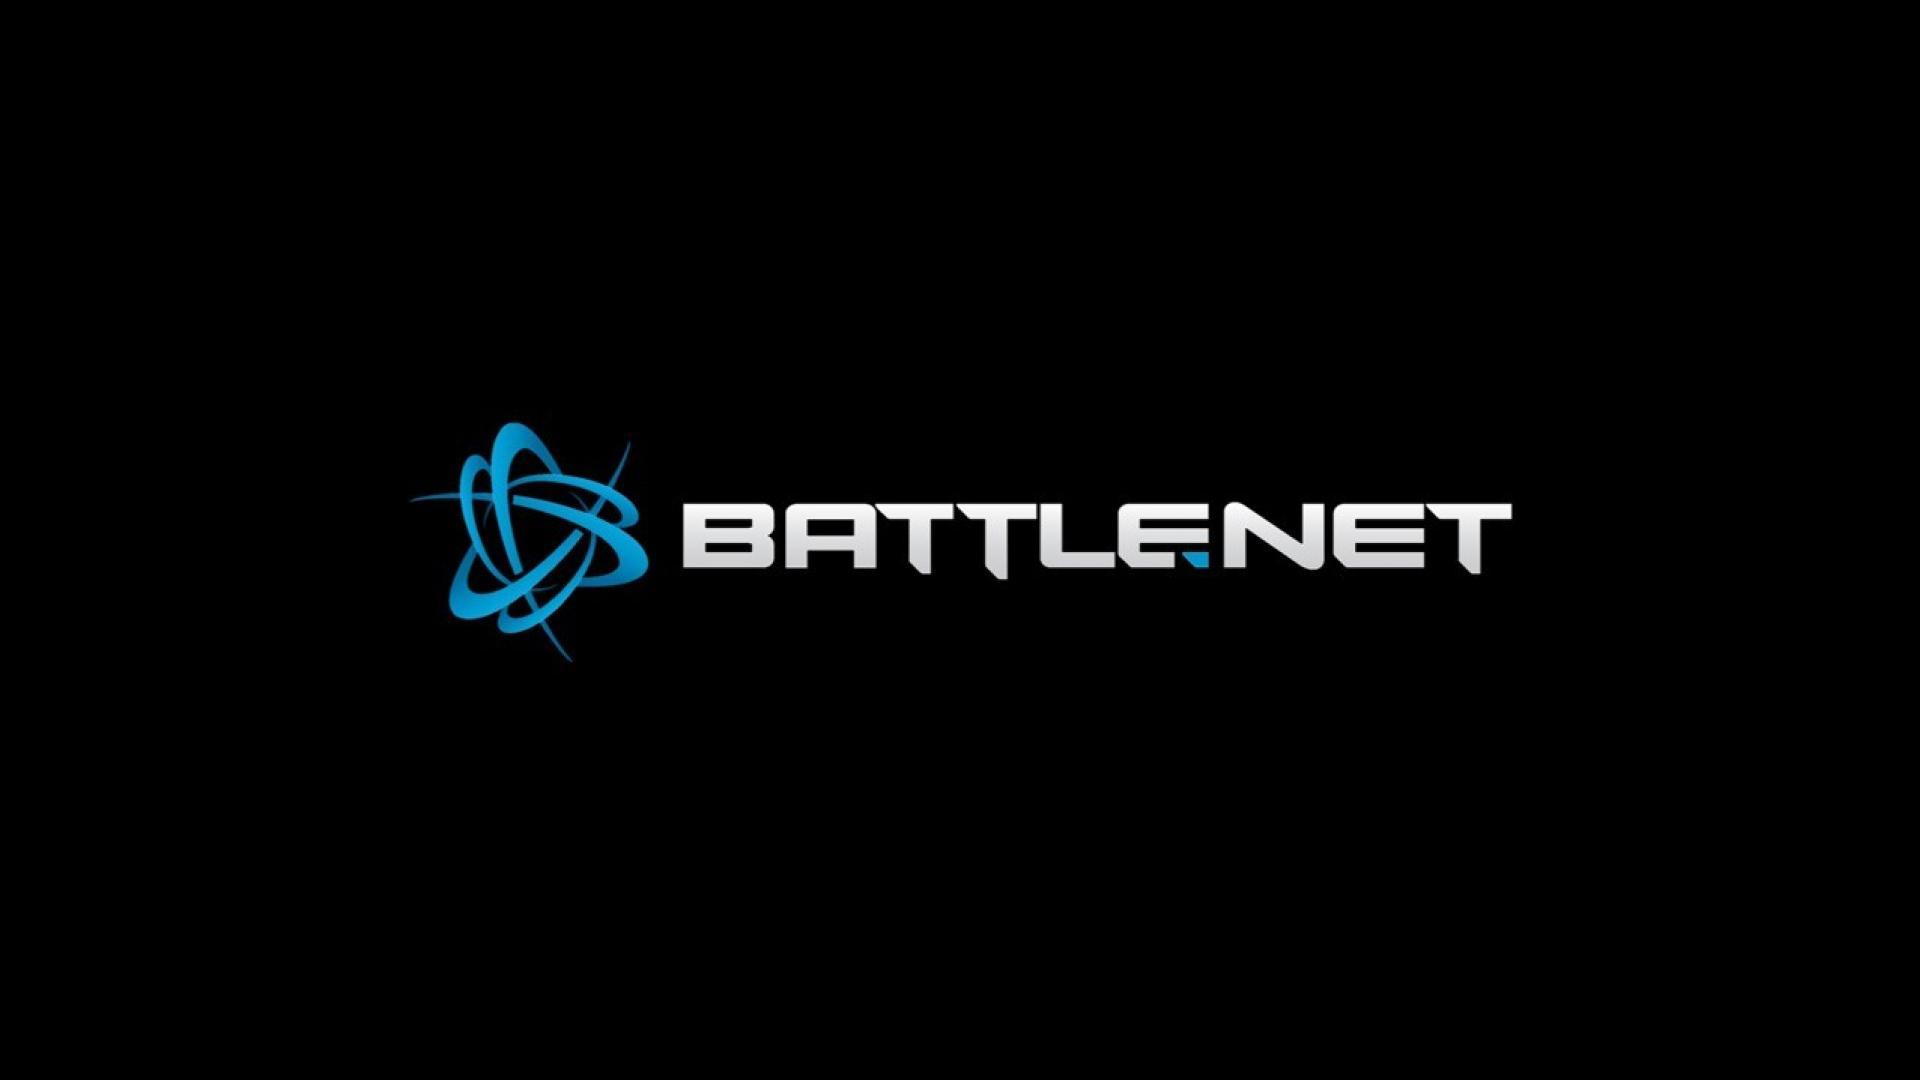 Blue black internet white blizzard entertainment battlenet wallpaper 1920x1080